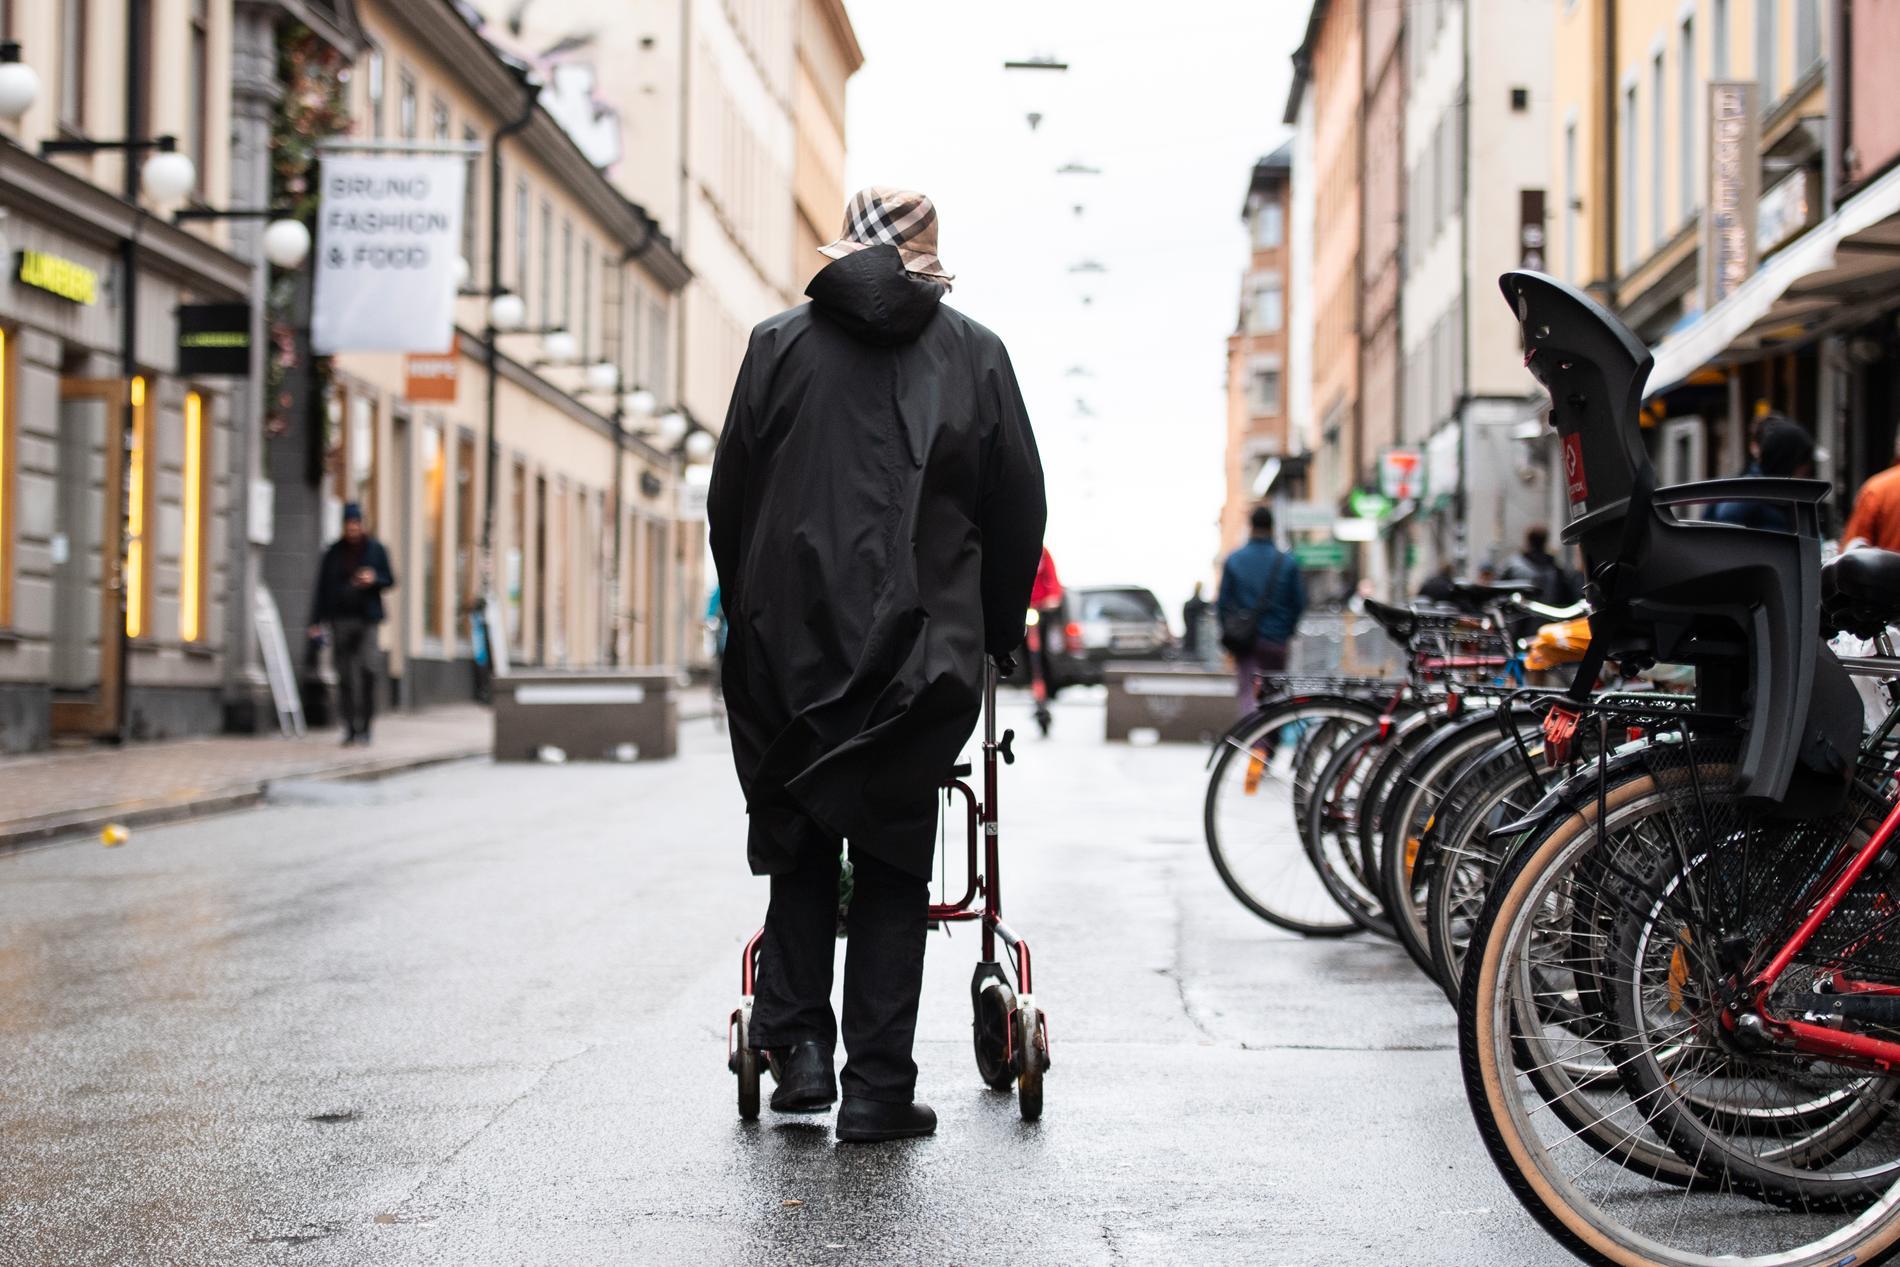 Ta rygg på en 70-plussare, du som känner dig vilsen och rädd i det nya Sverige, skriver Britta Svensson.